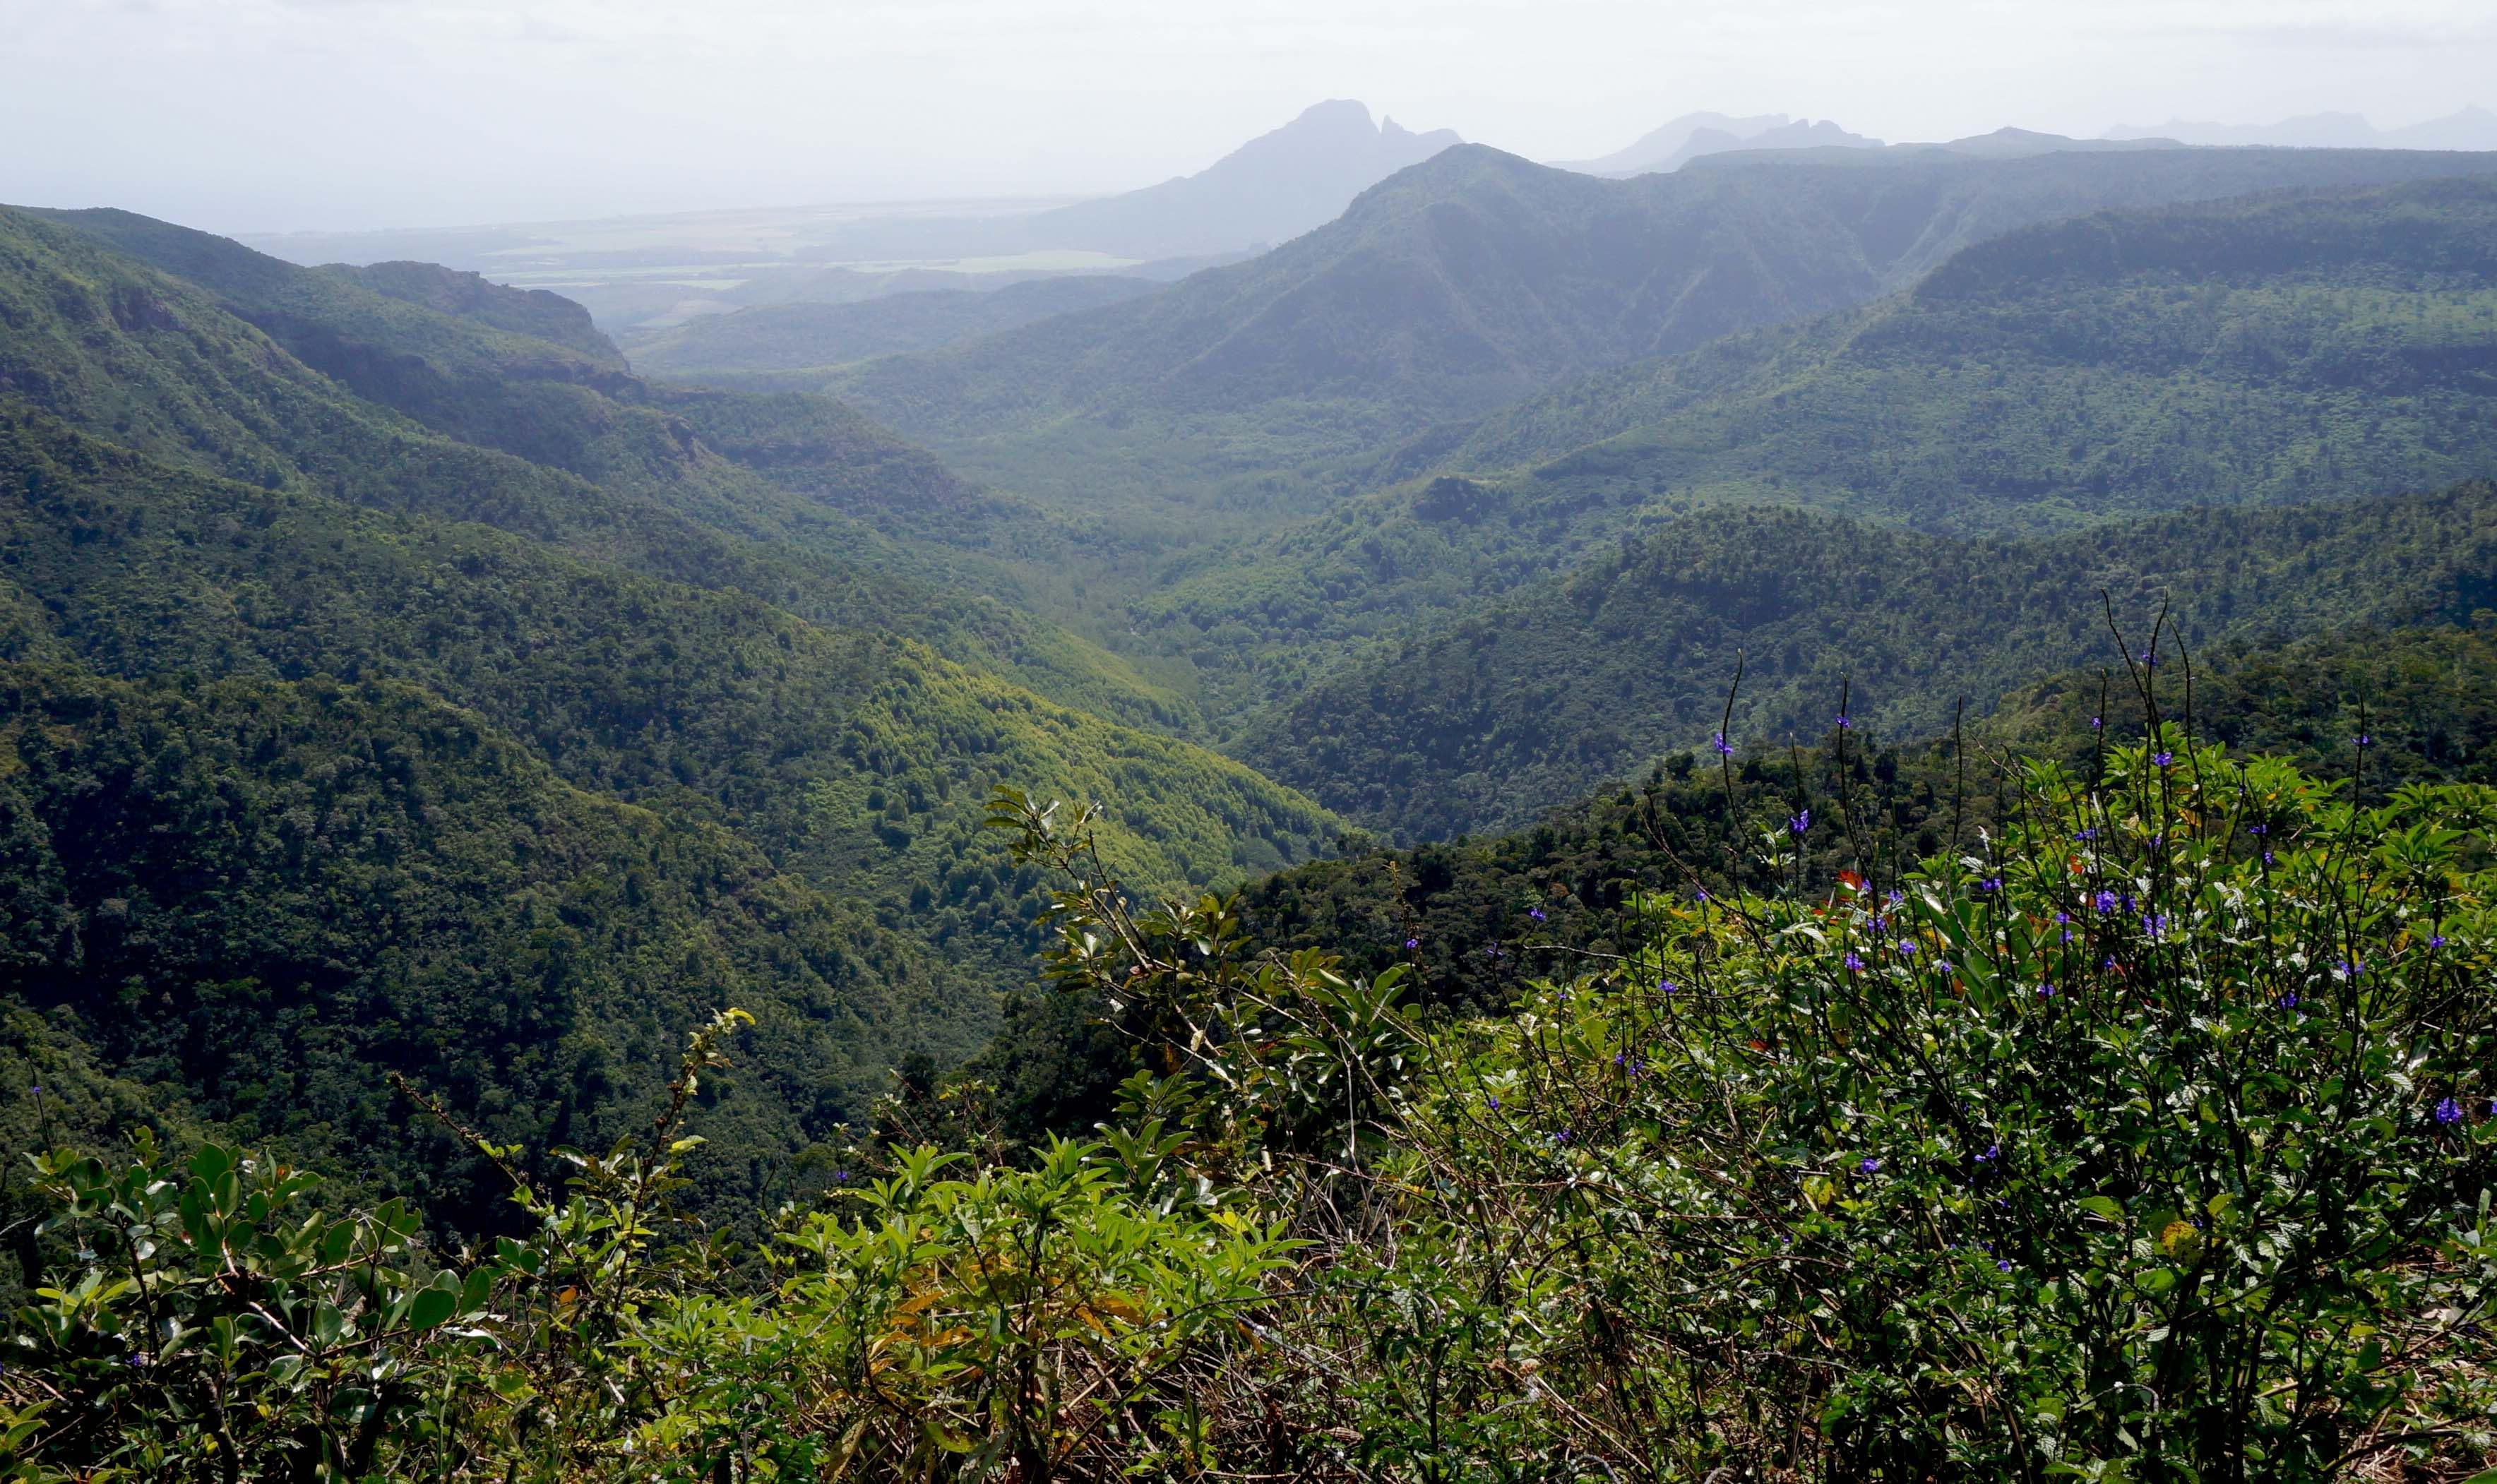 parc national des gorges de la riviere noire, ile maurice